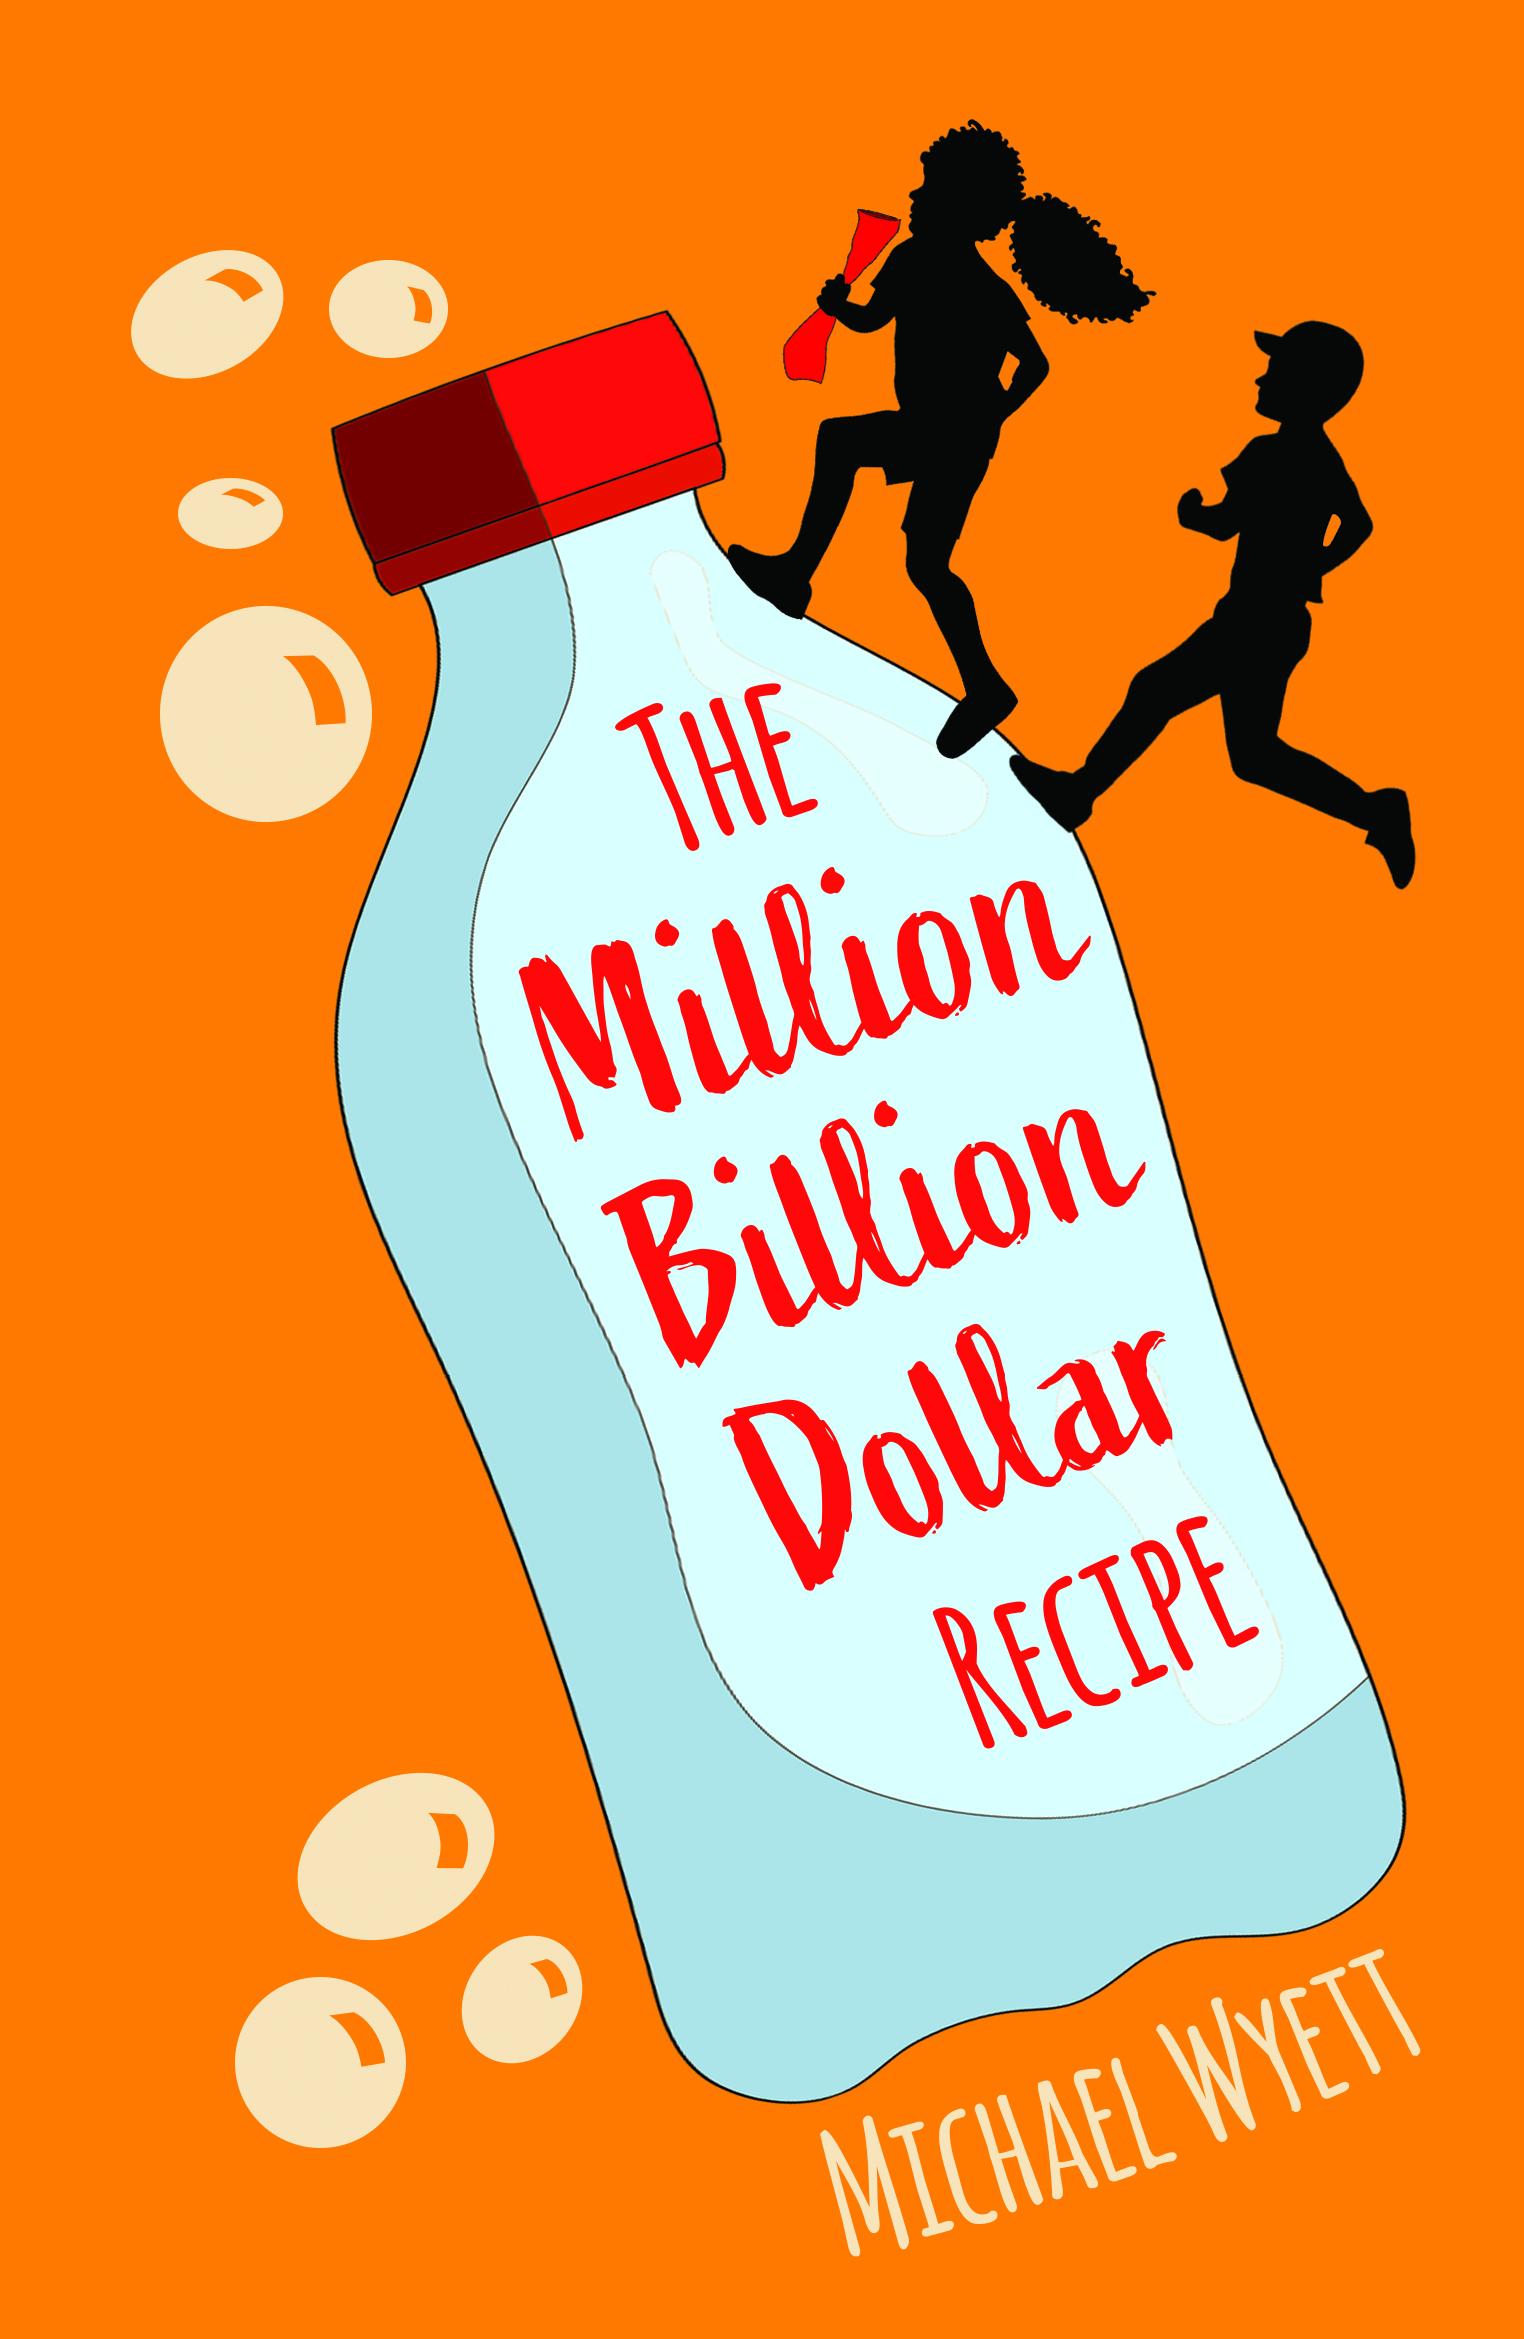 Million Billion Cover_Final.jpg